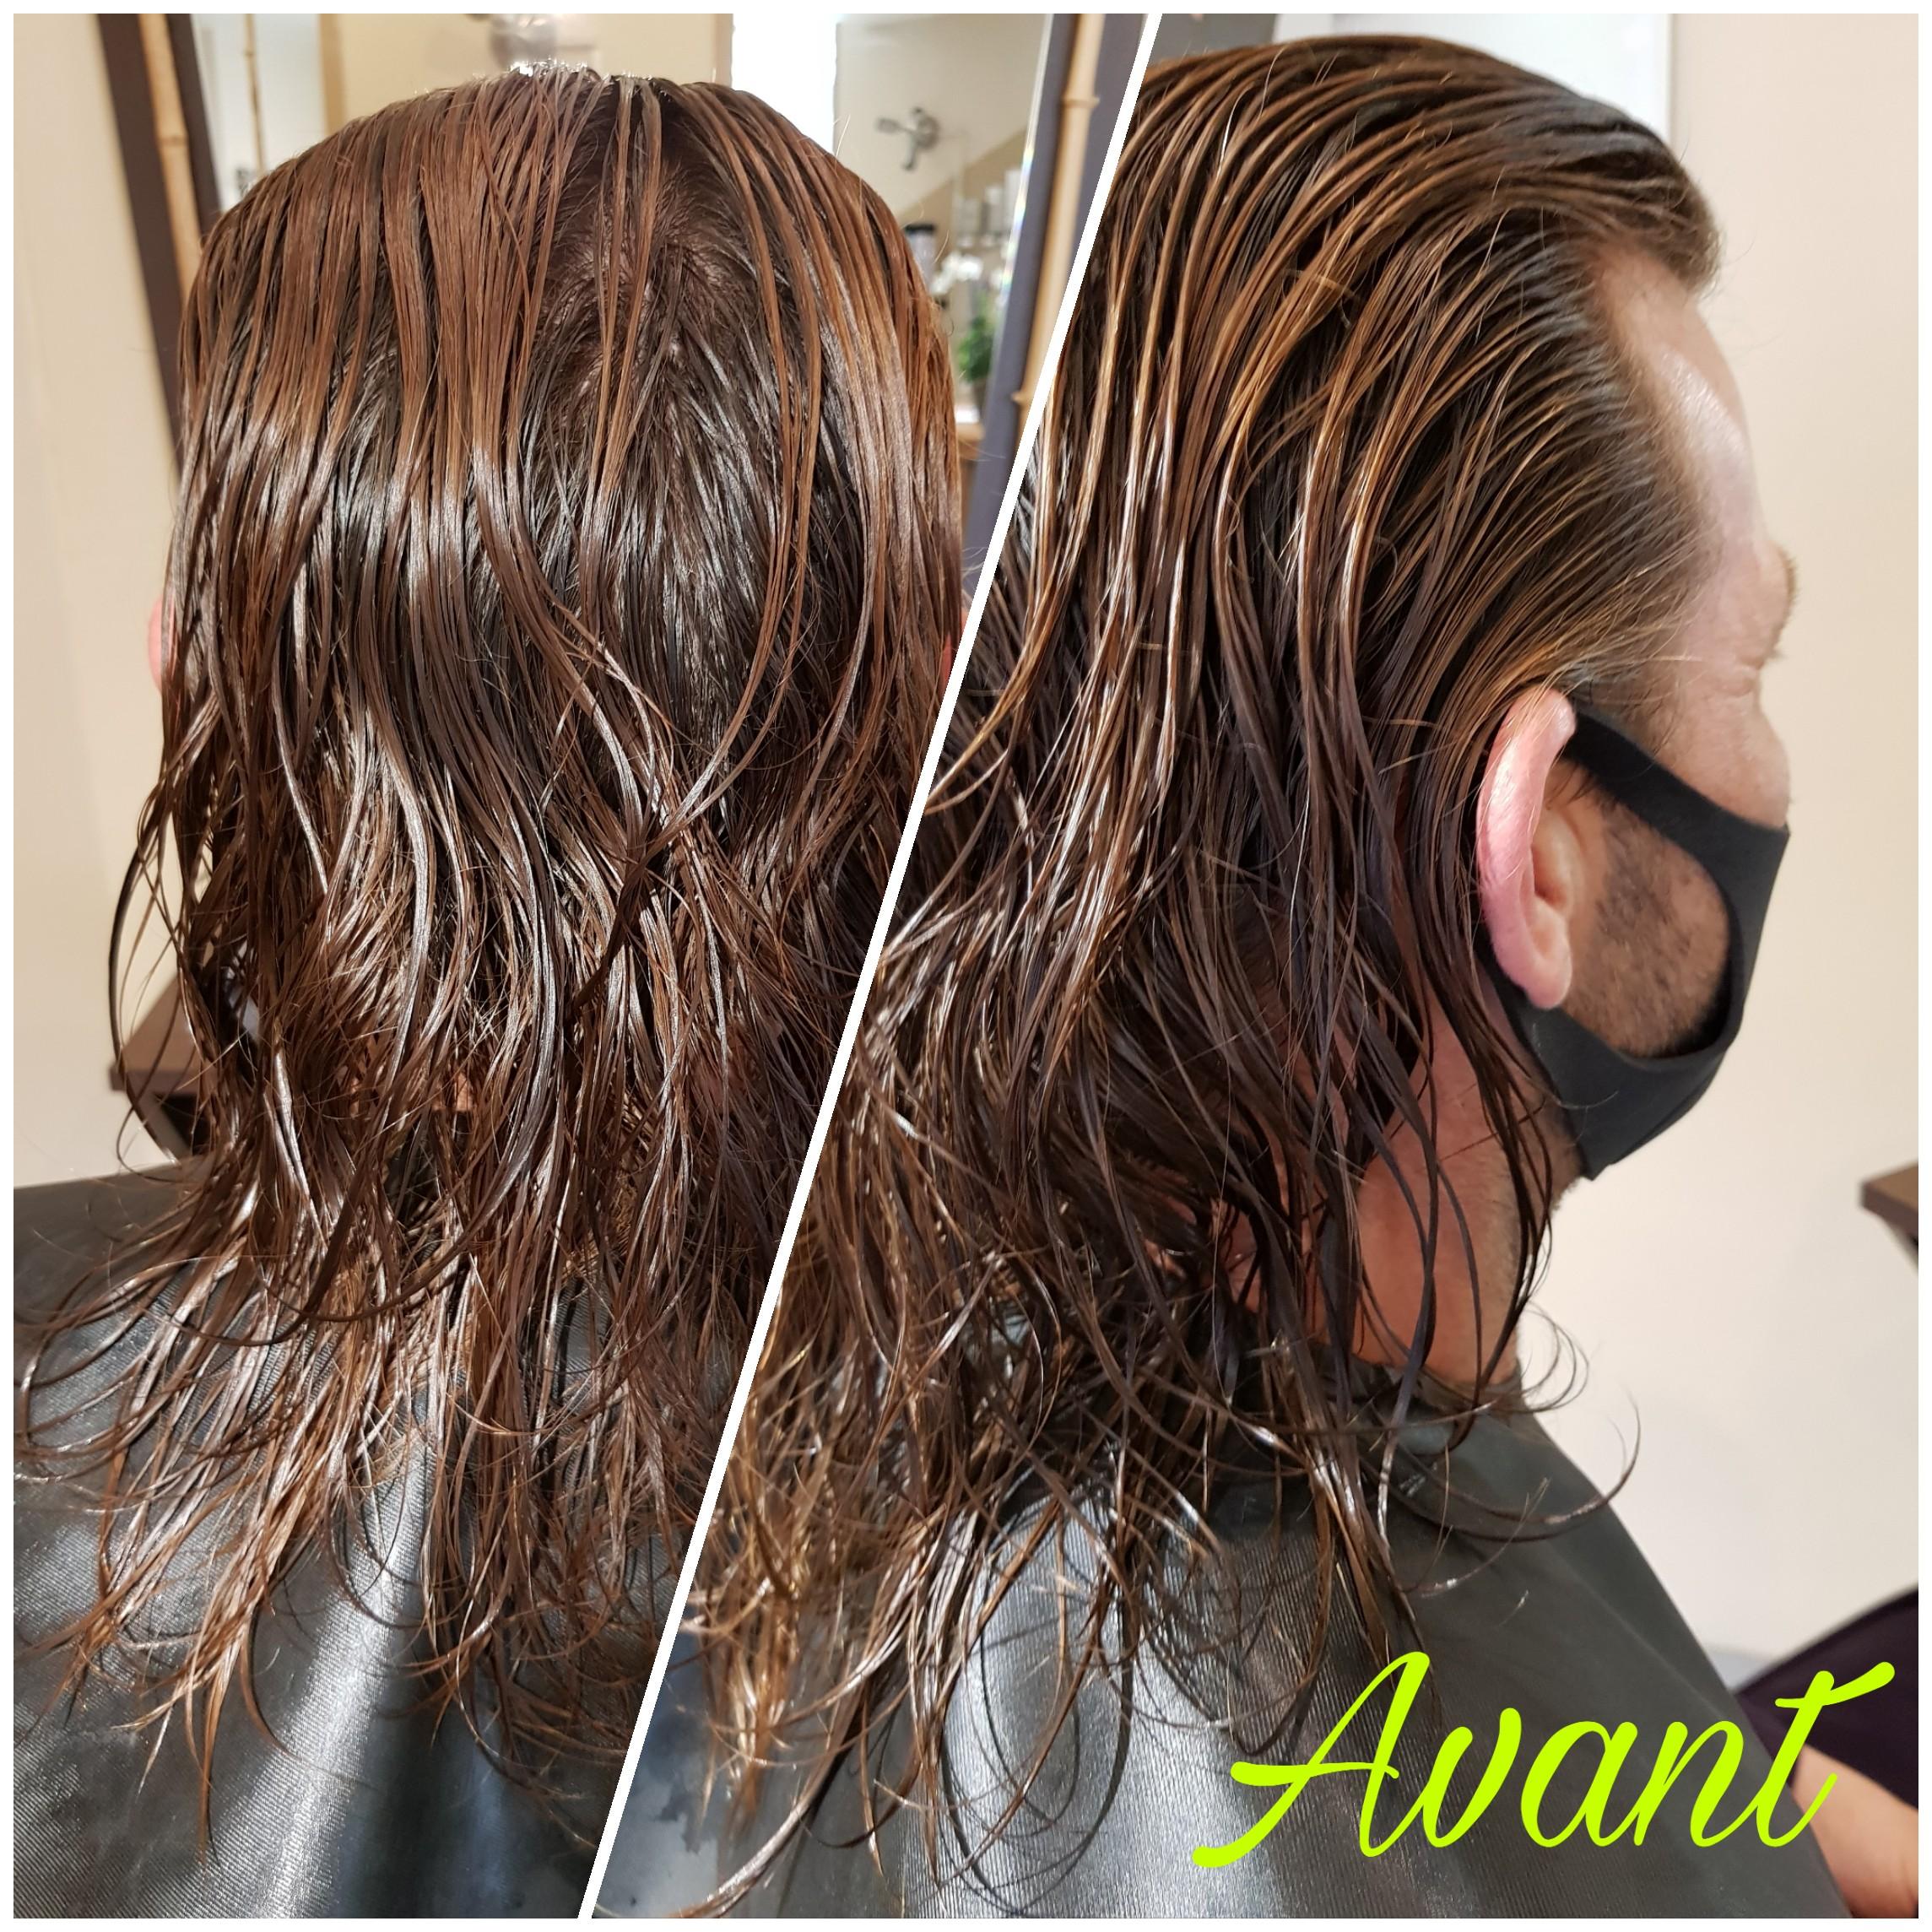 Coupe homme avant - A l'hair libre coiffure